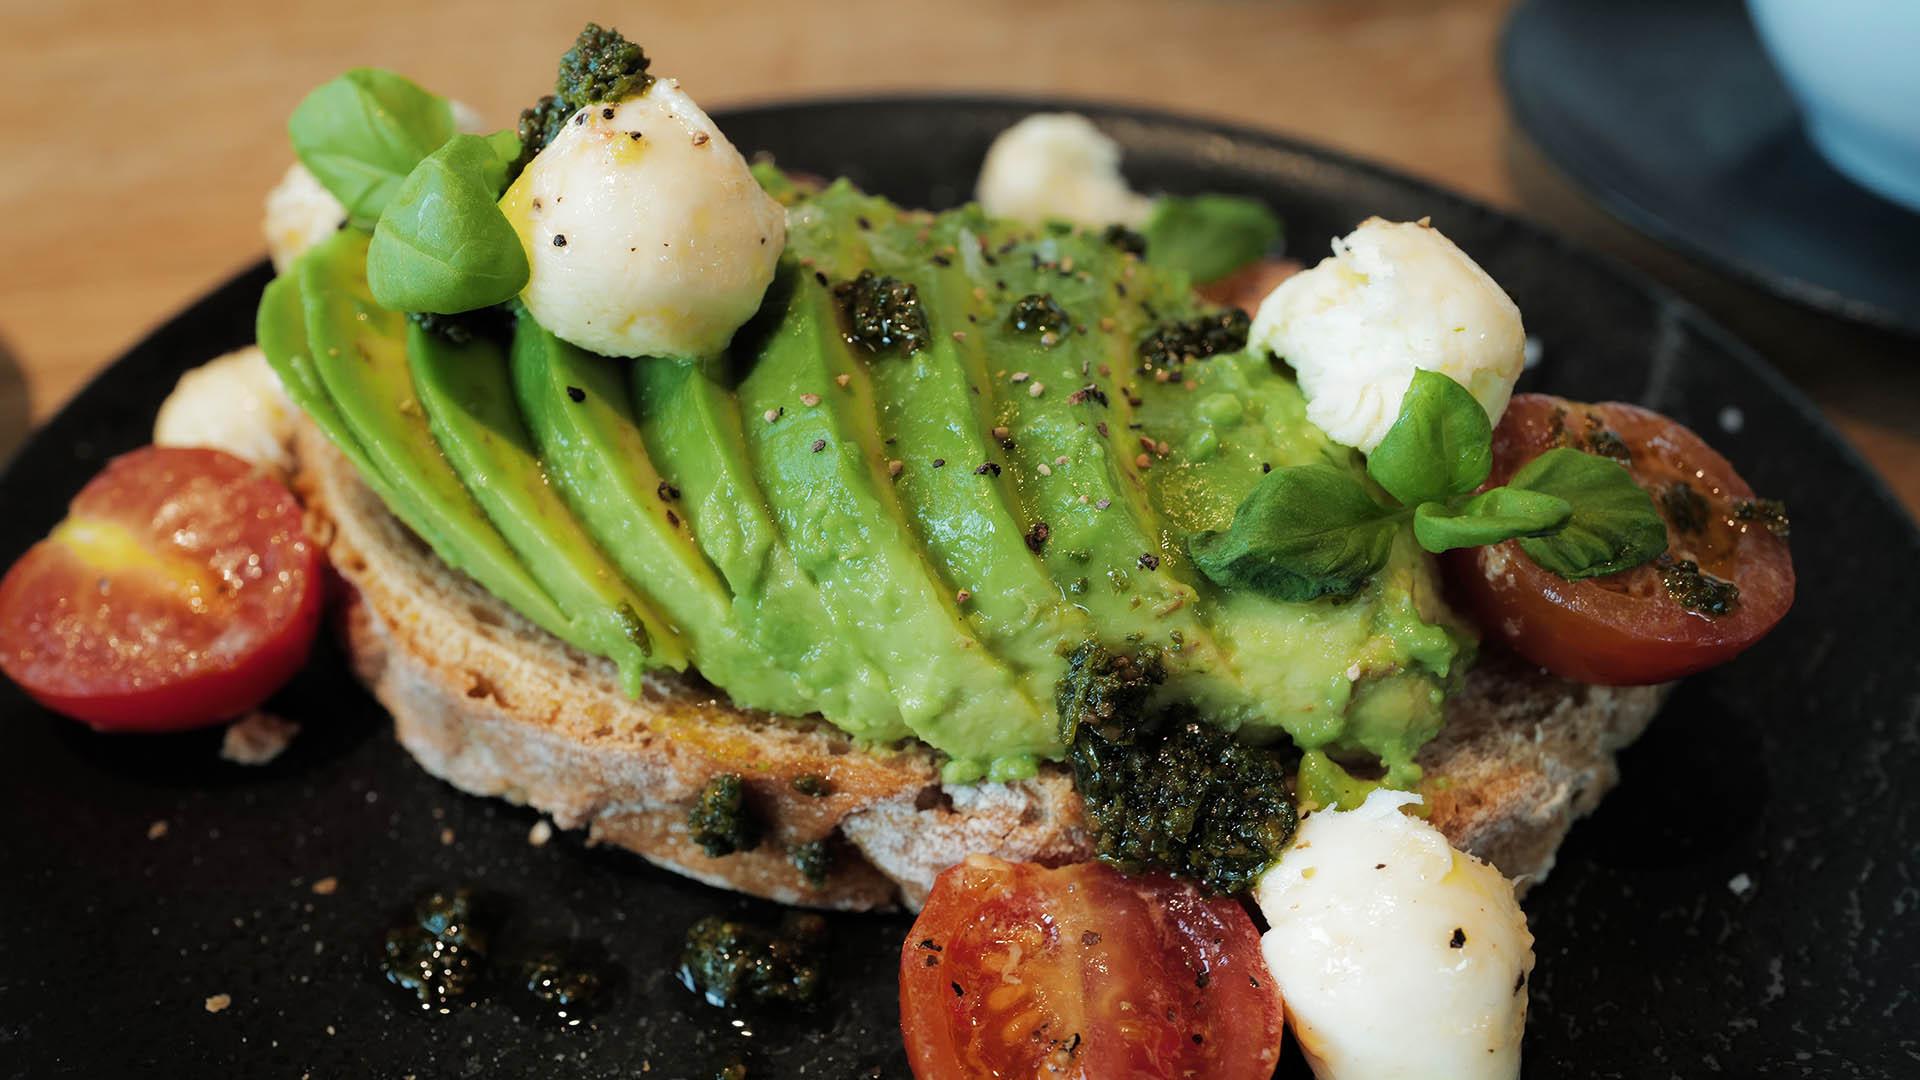 Frische vegetarische und vegane Gerichte?